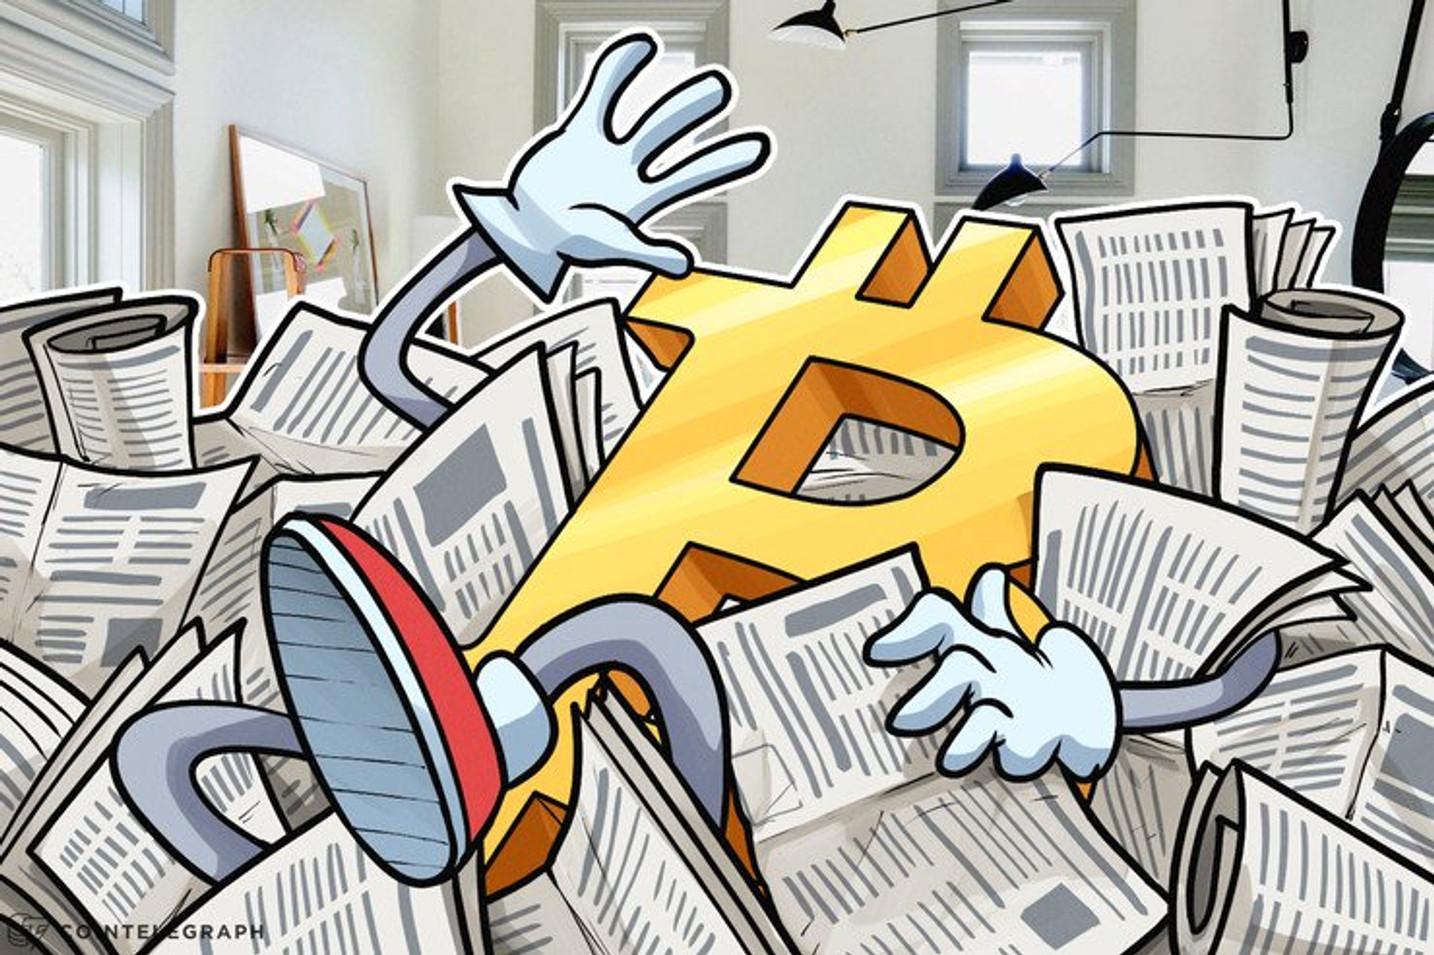 Economista-chefe do Itaú não acredita que o Bitcoin vença o dólar como reserva de valor